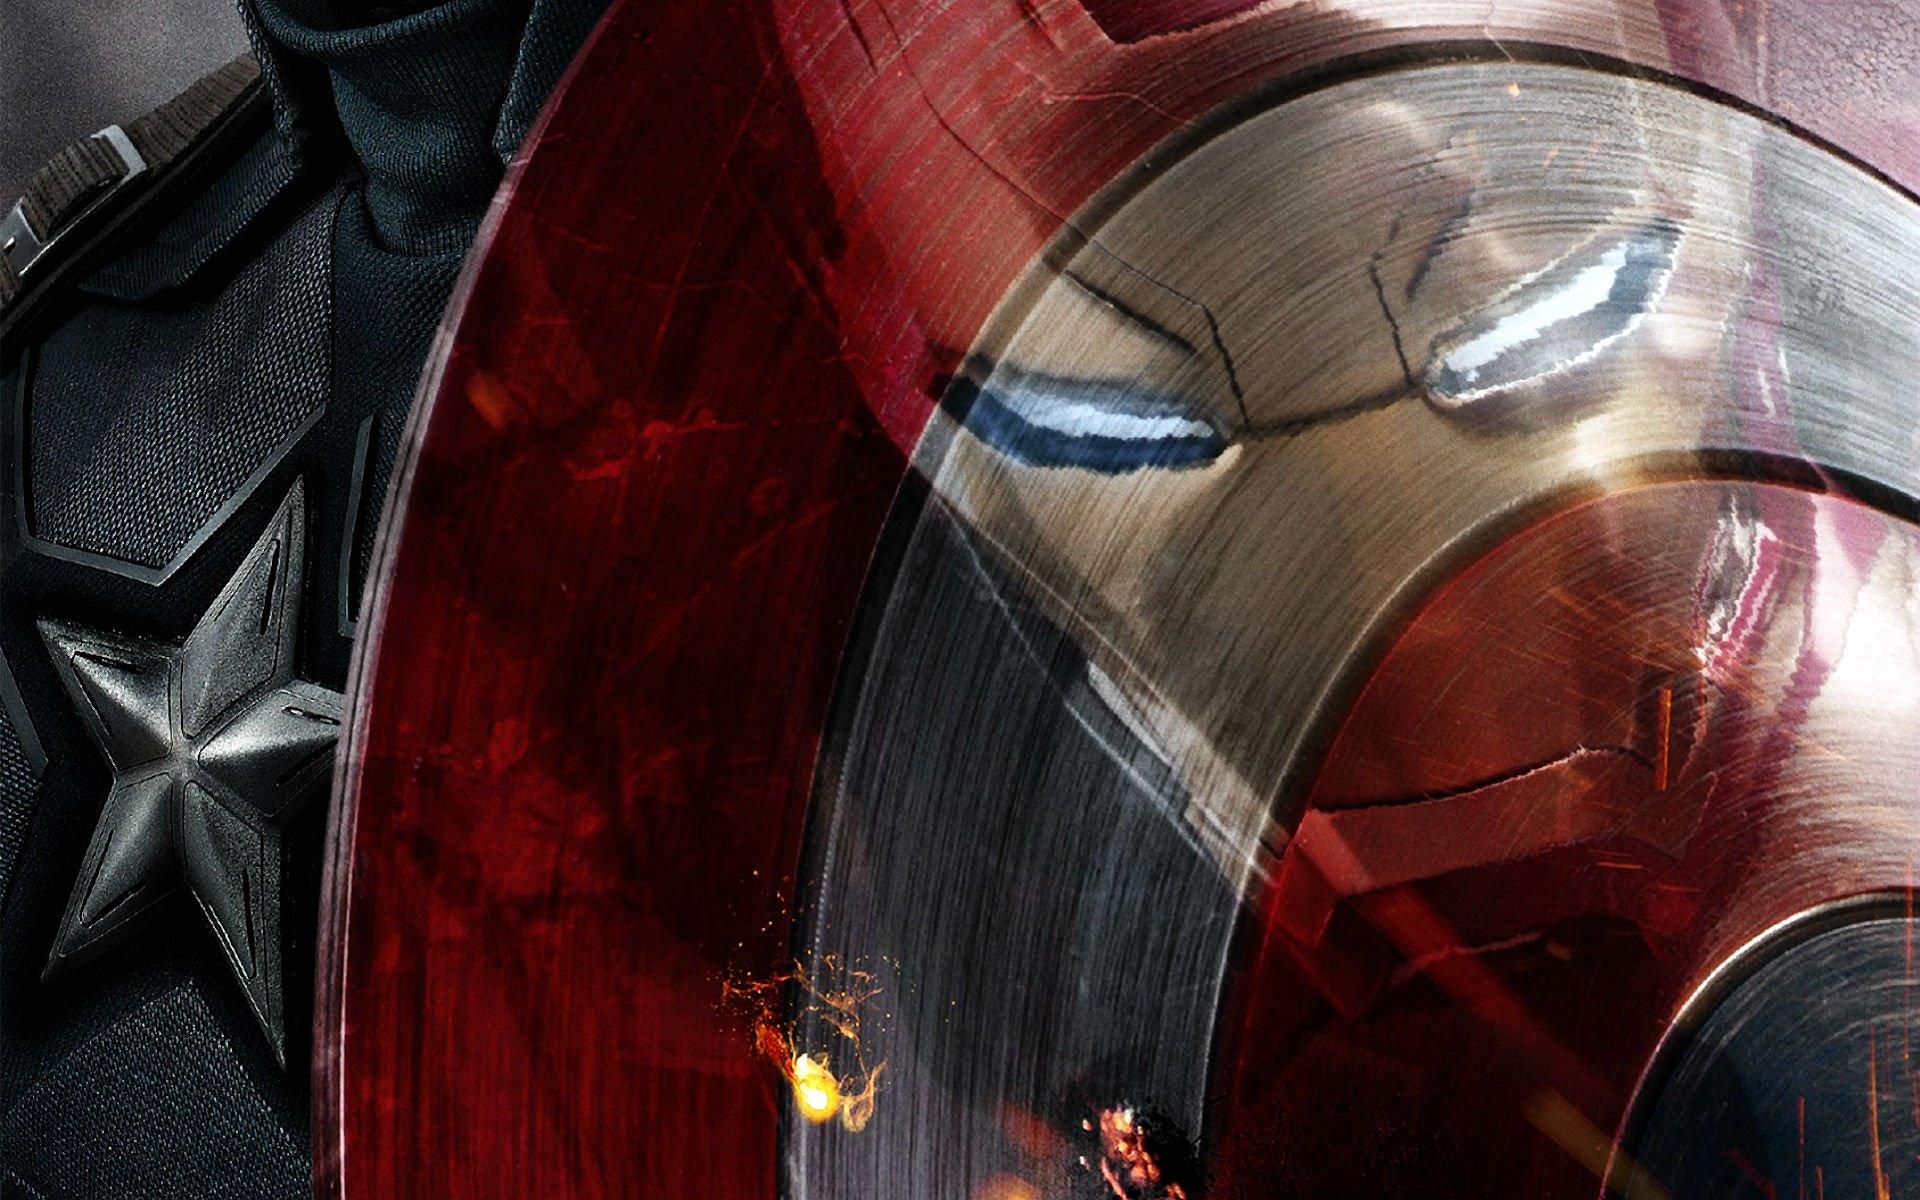 captain america civil war full hd wallpaper and